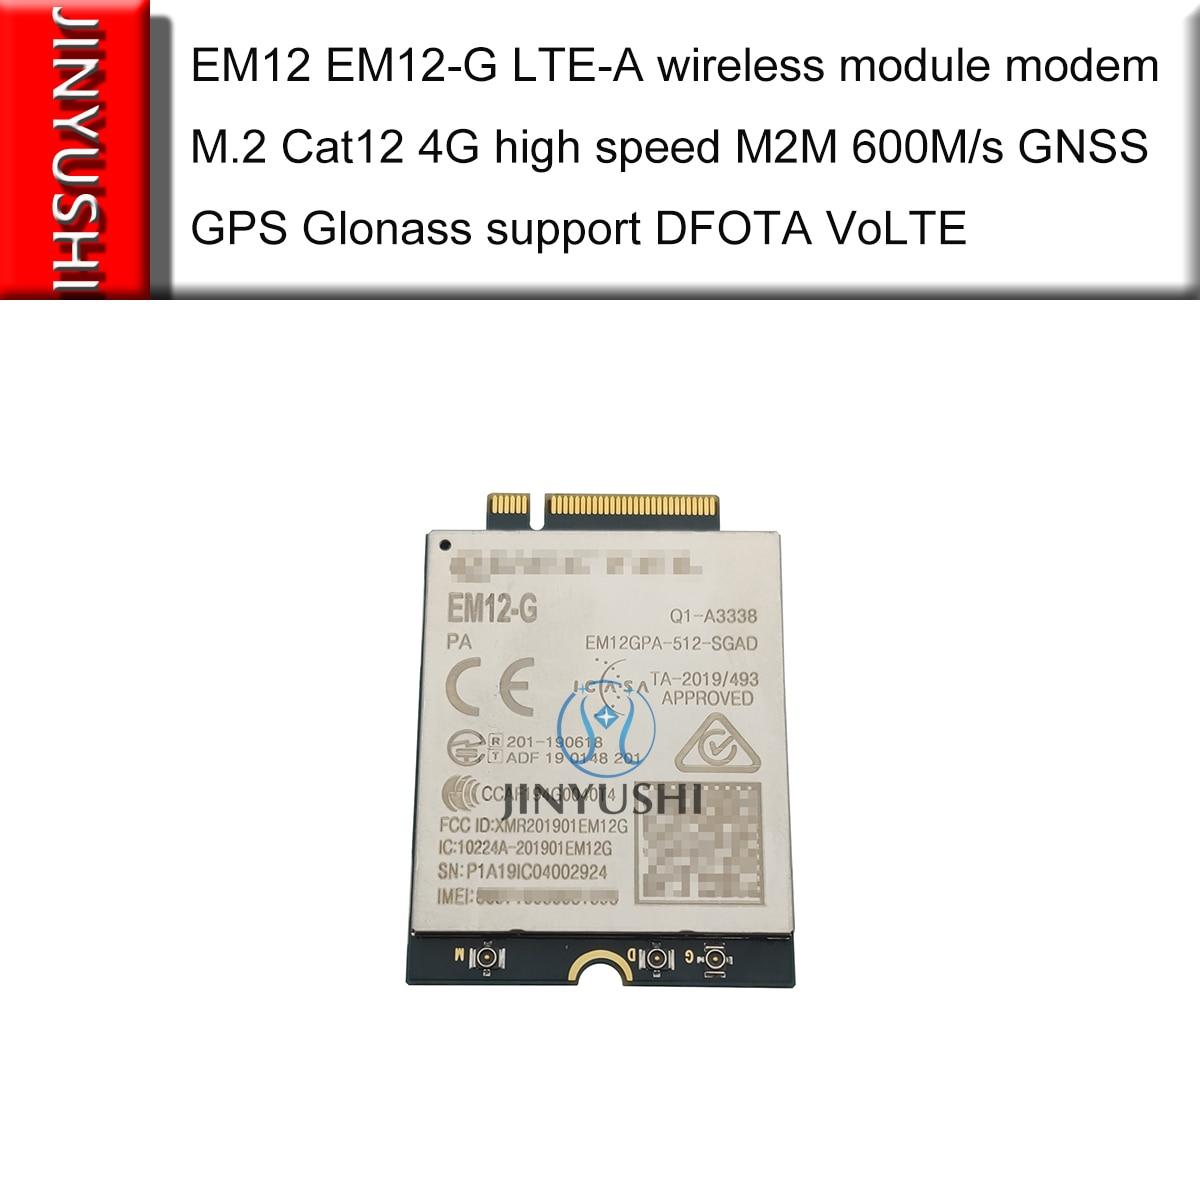 JINYUSHI EM12 EM12-G LTE-A Wireless Module Modem M.2 Cat12 4G High Speed M2M 600M/s GNSS GPS Glonass Support DFOTA VoLTE